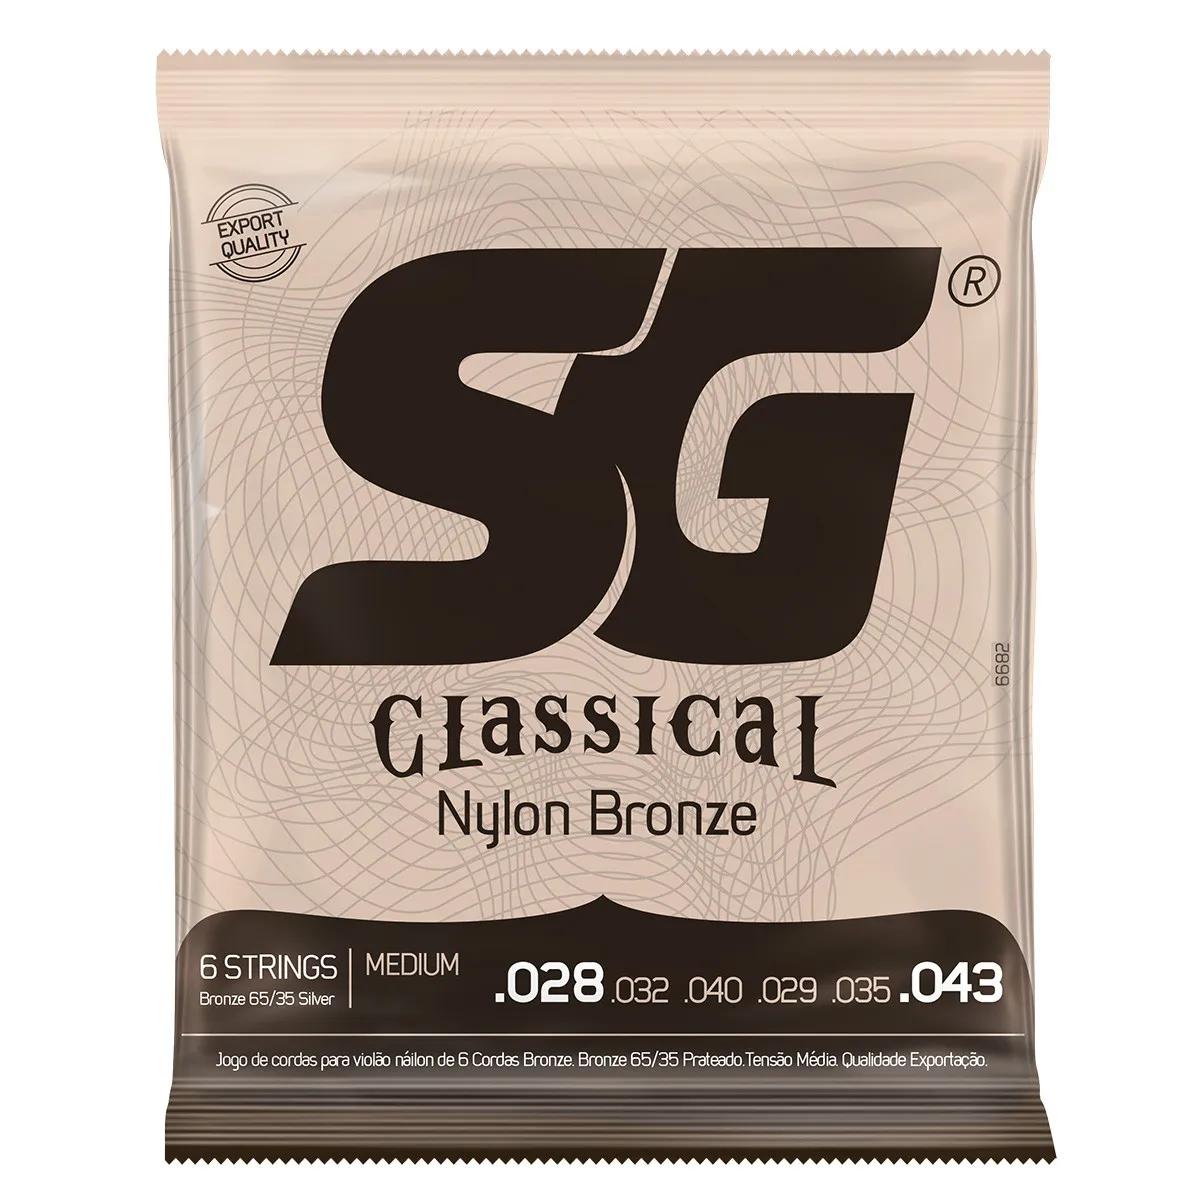 Encordoamento SG Strings 65/35 Tensão Média P/ Violão Nylon